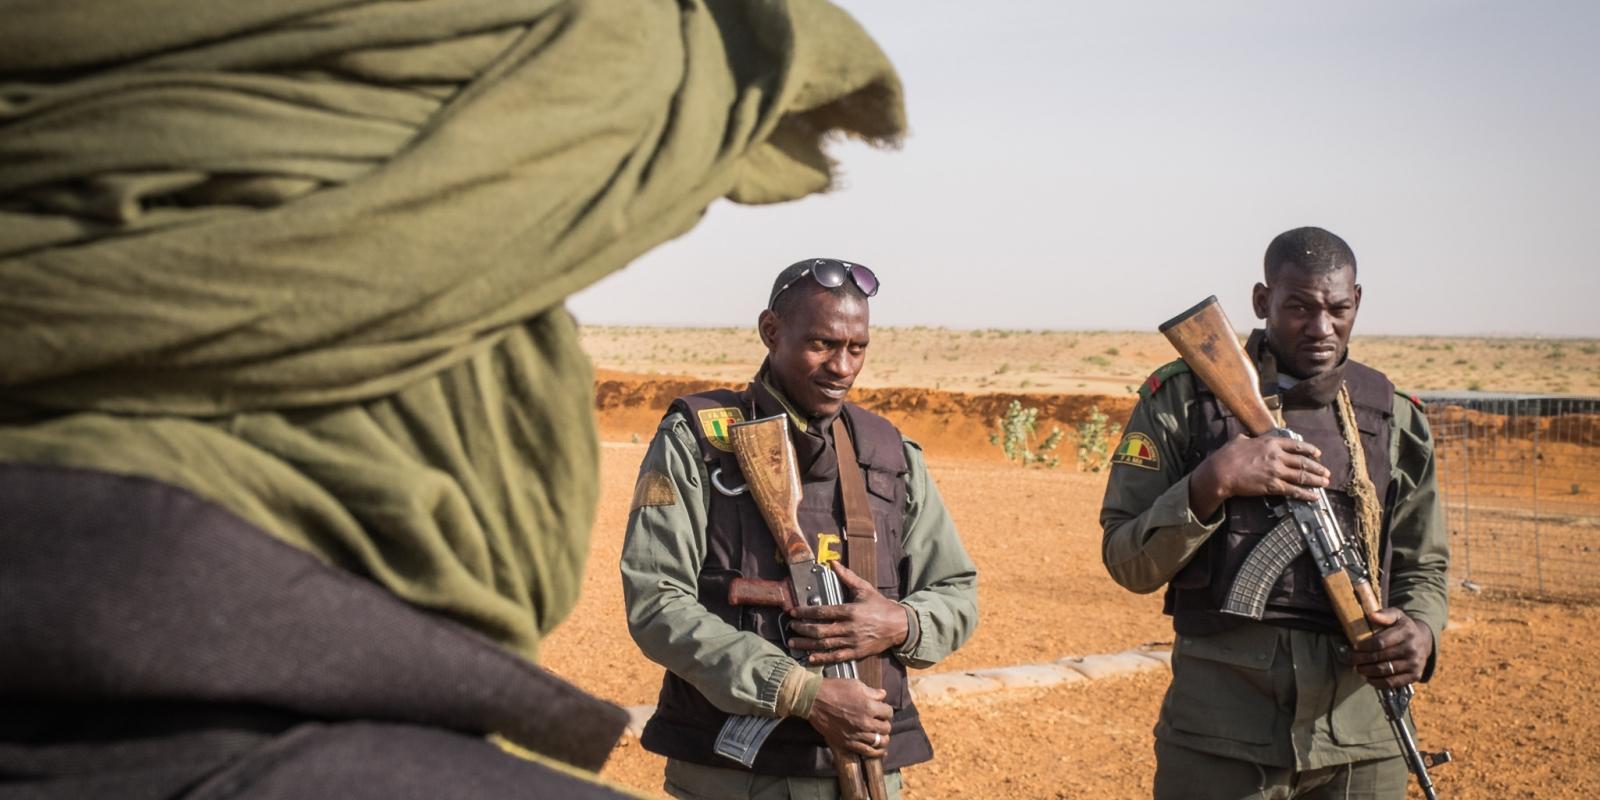 """Résultat de recherche d'images pour """"Une dizaine de nuances de kaki : les opérations contre-insurrectionnelles au Sahel"""""""